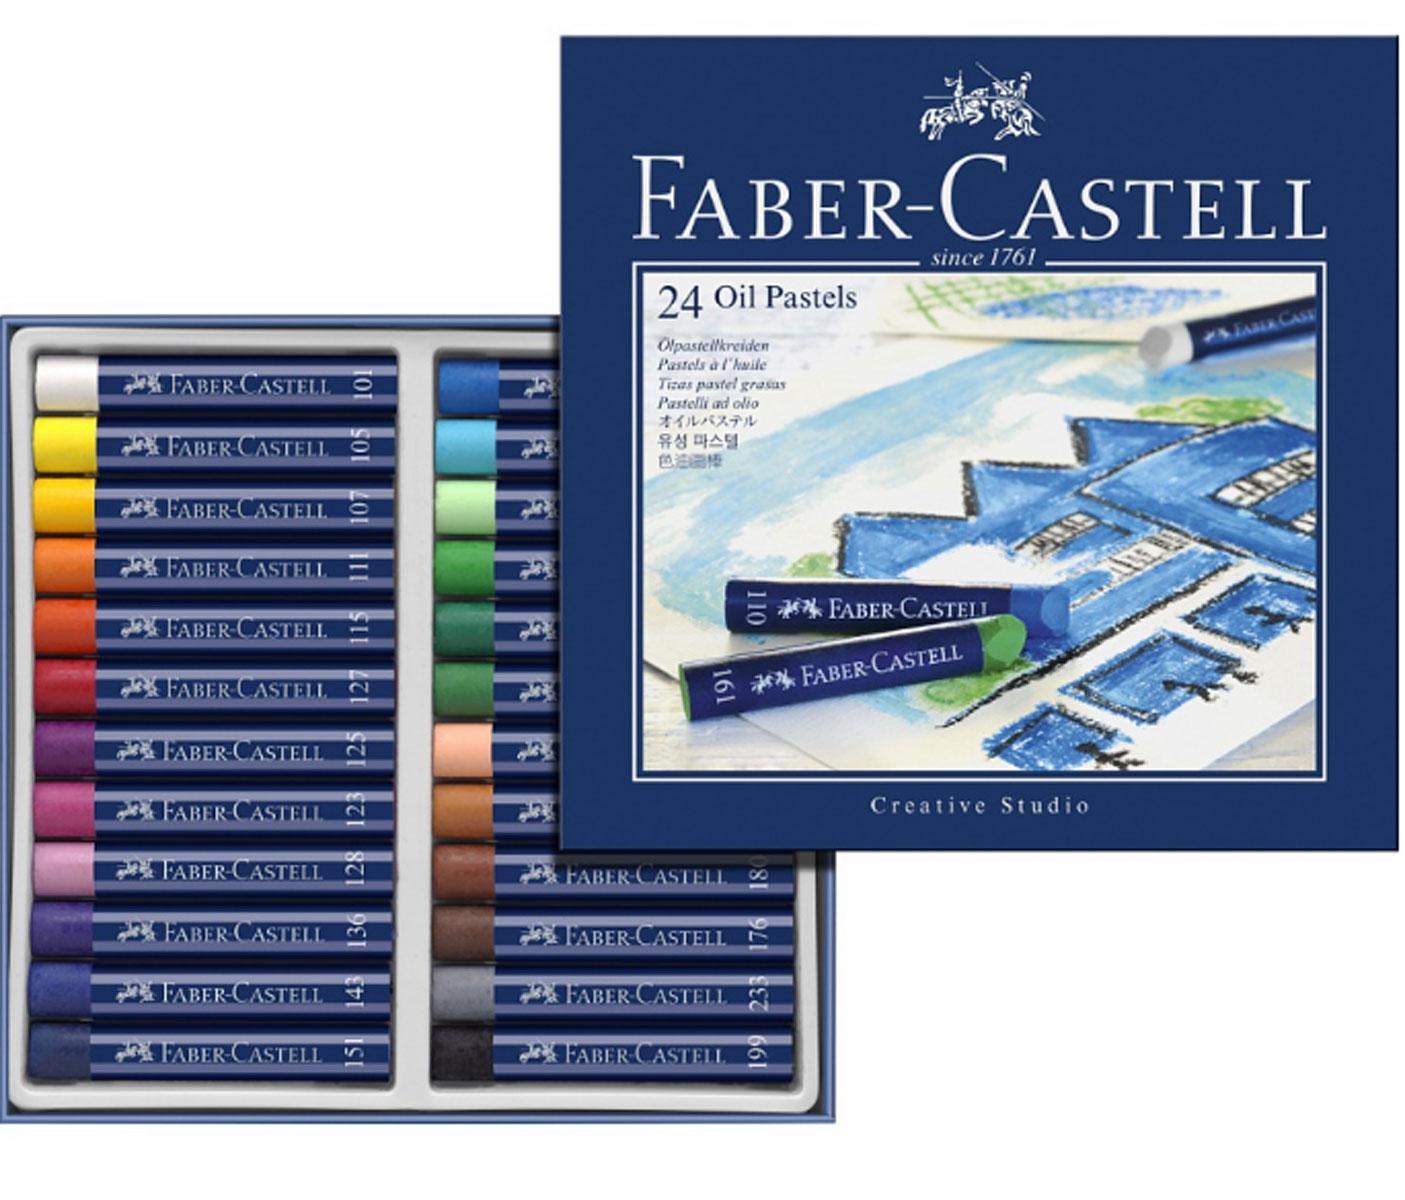 Набор Faber-Castell Studio Quality Oil Pastels содержит масляную пастель 24 ярких насыщенных цветов. Пастель выполнена в виде мелков круглой формы, каждый из которых обернут в бумажную гильзу. Мелки великолепного качества не крошатся при работе, обладают отличными кроющими свойствами, обеспечивают хорошее сцепление с поверхностью, яркость и долговечность изображения. Масляной пастелью Faber-Castell Studio Quality Oil Pastels можно рисовать в любой технике, сочетая ее с цветными карандашами и красками. При работе рекомендуется использовать шероховатые поверхности - специальную бумагу, картон, холст.